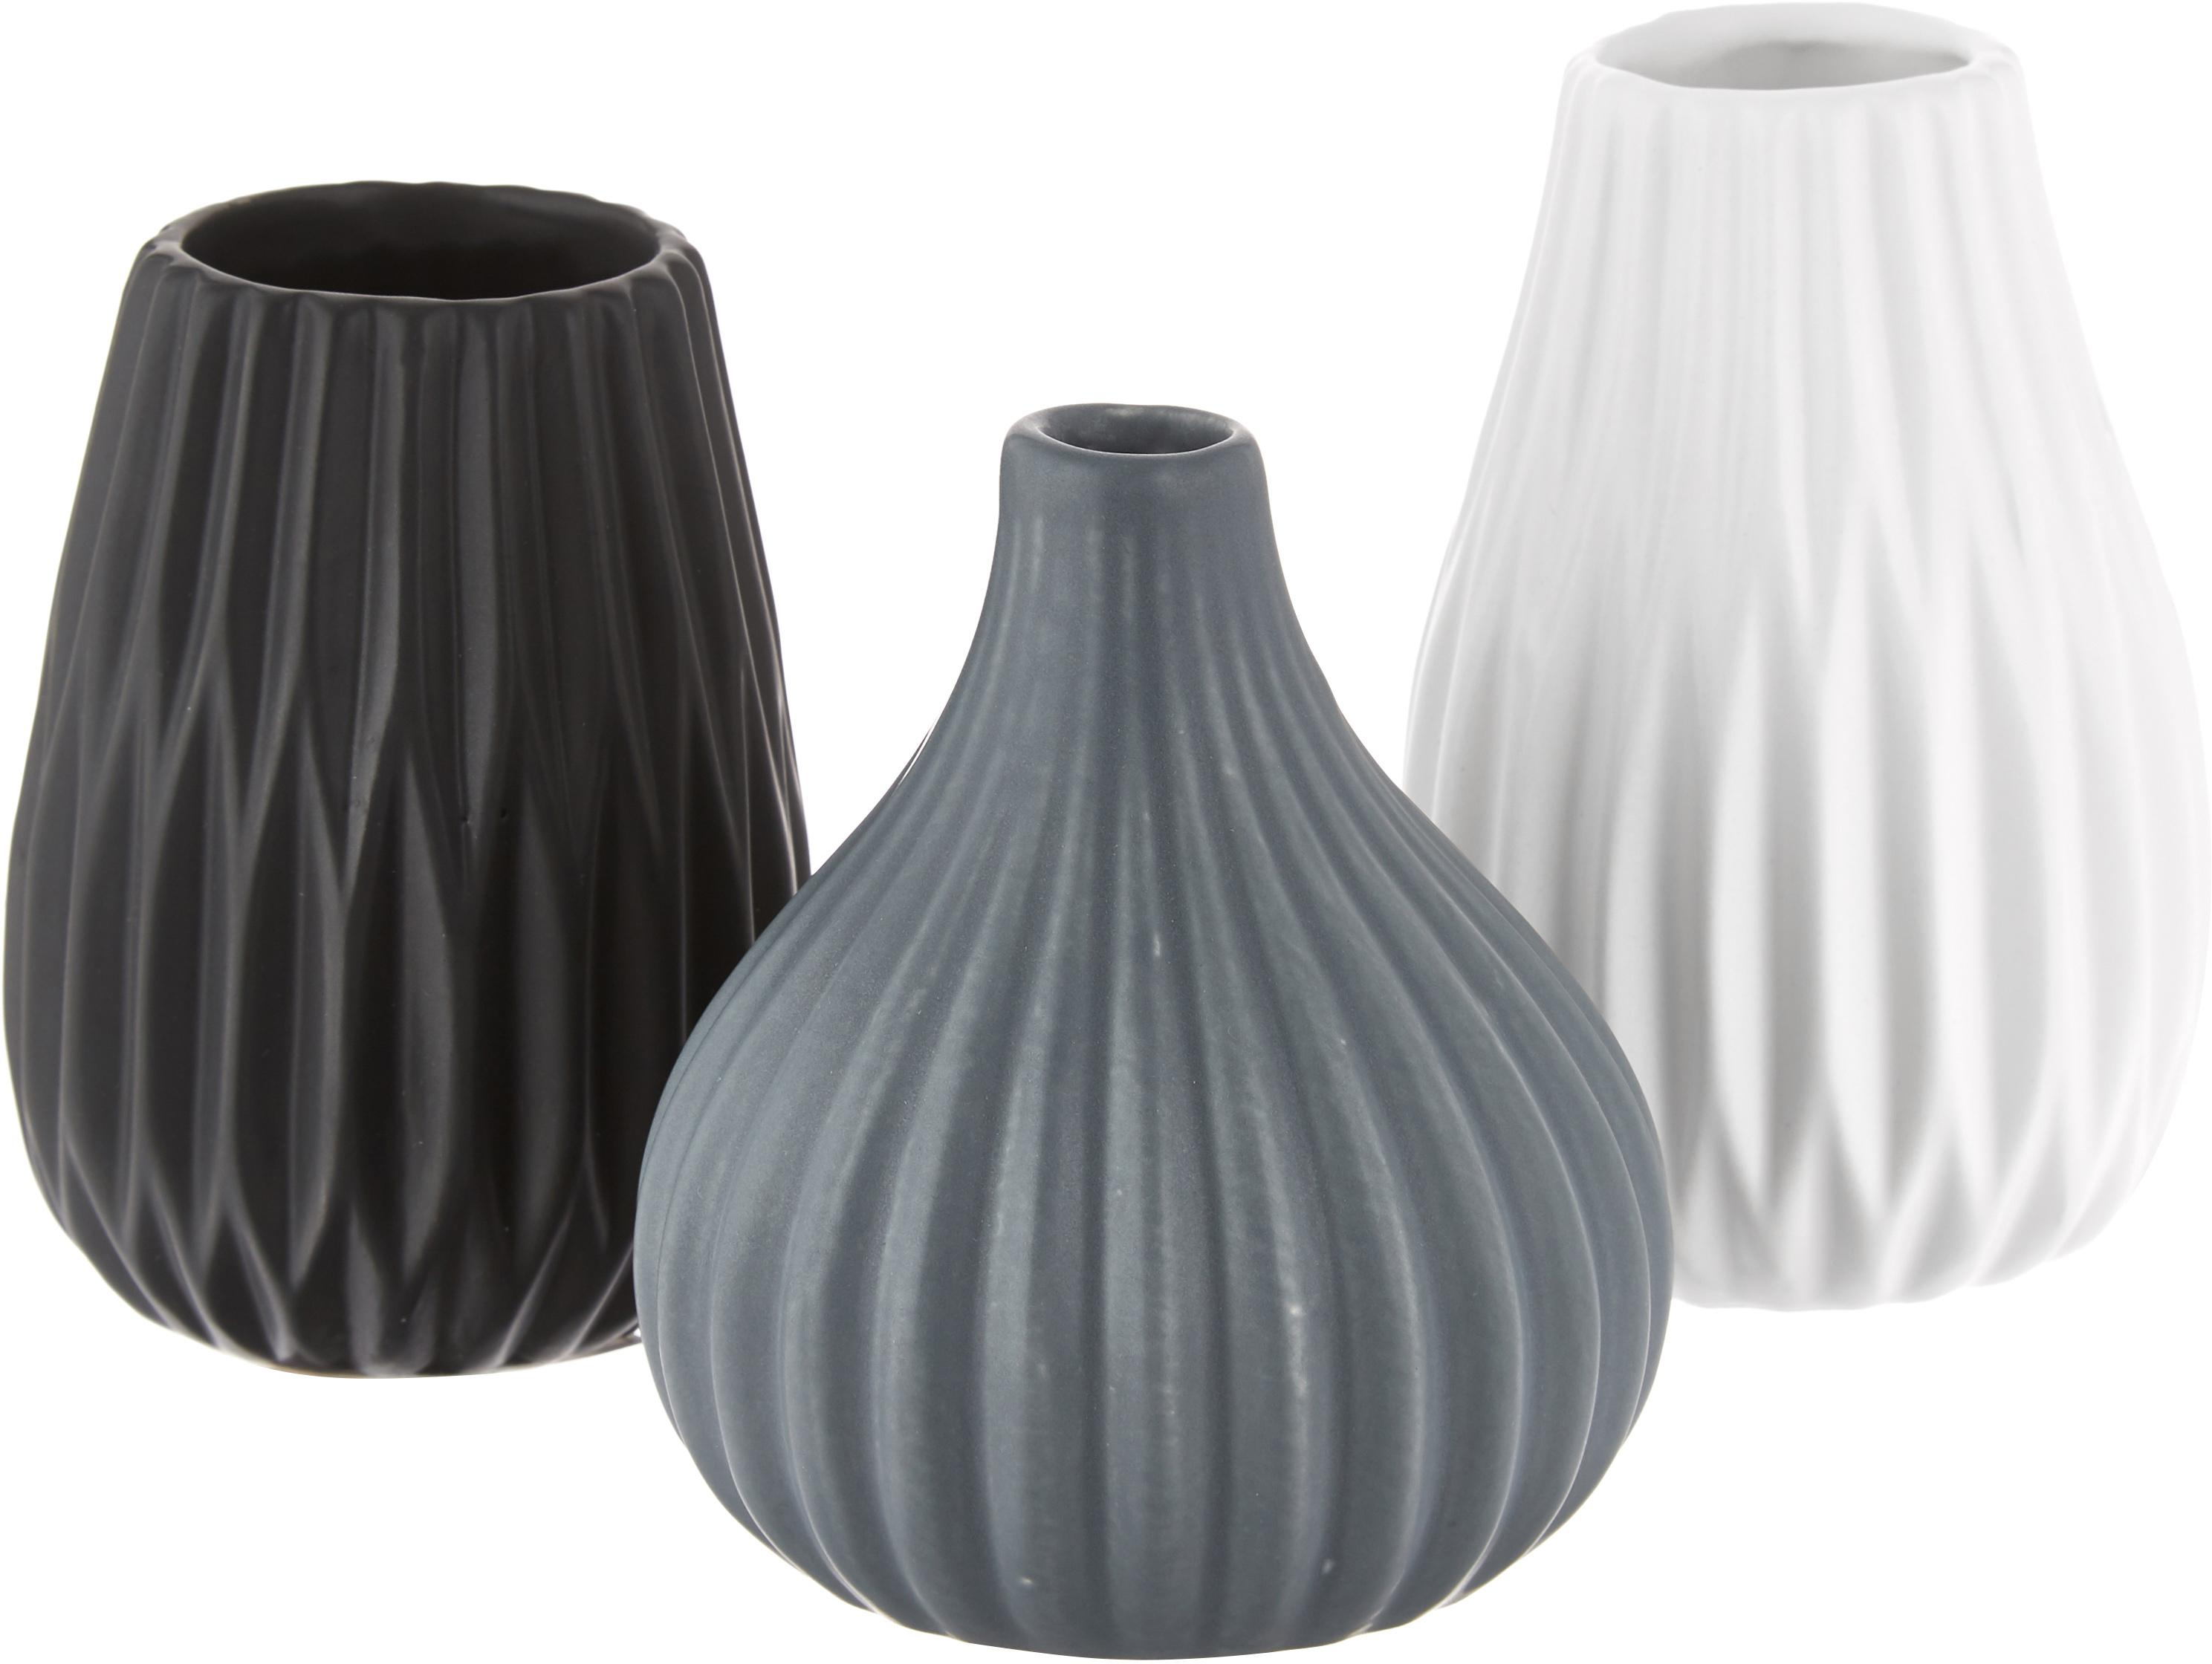 Set de jarrones en gres Wilma, 3pzas., Gres, Azul, negro, blanco, Ø 9 x Al 11 cm